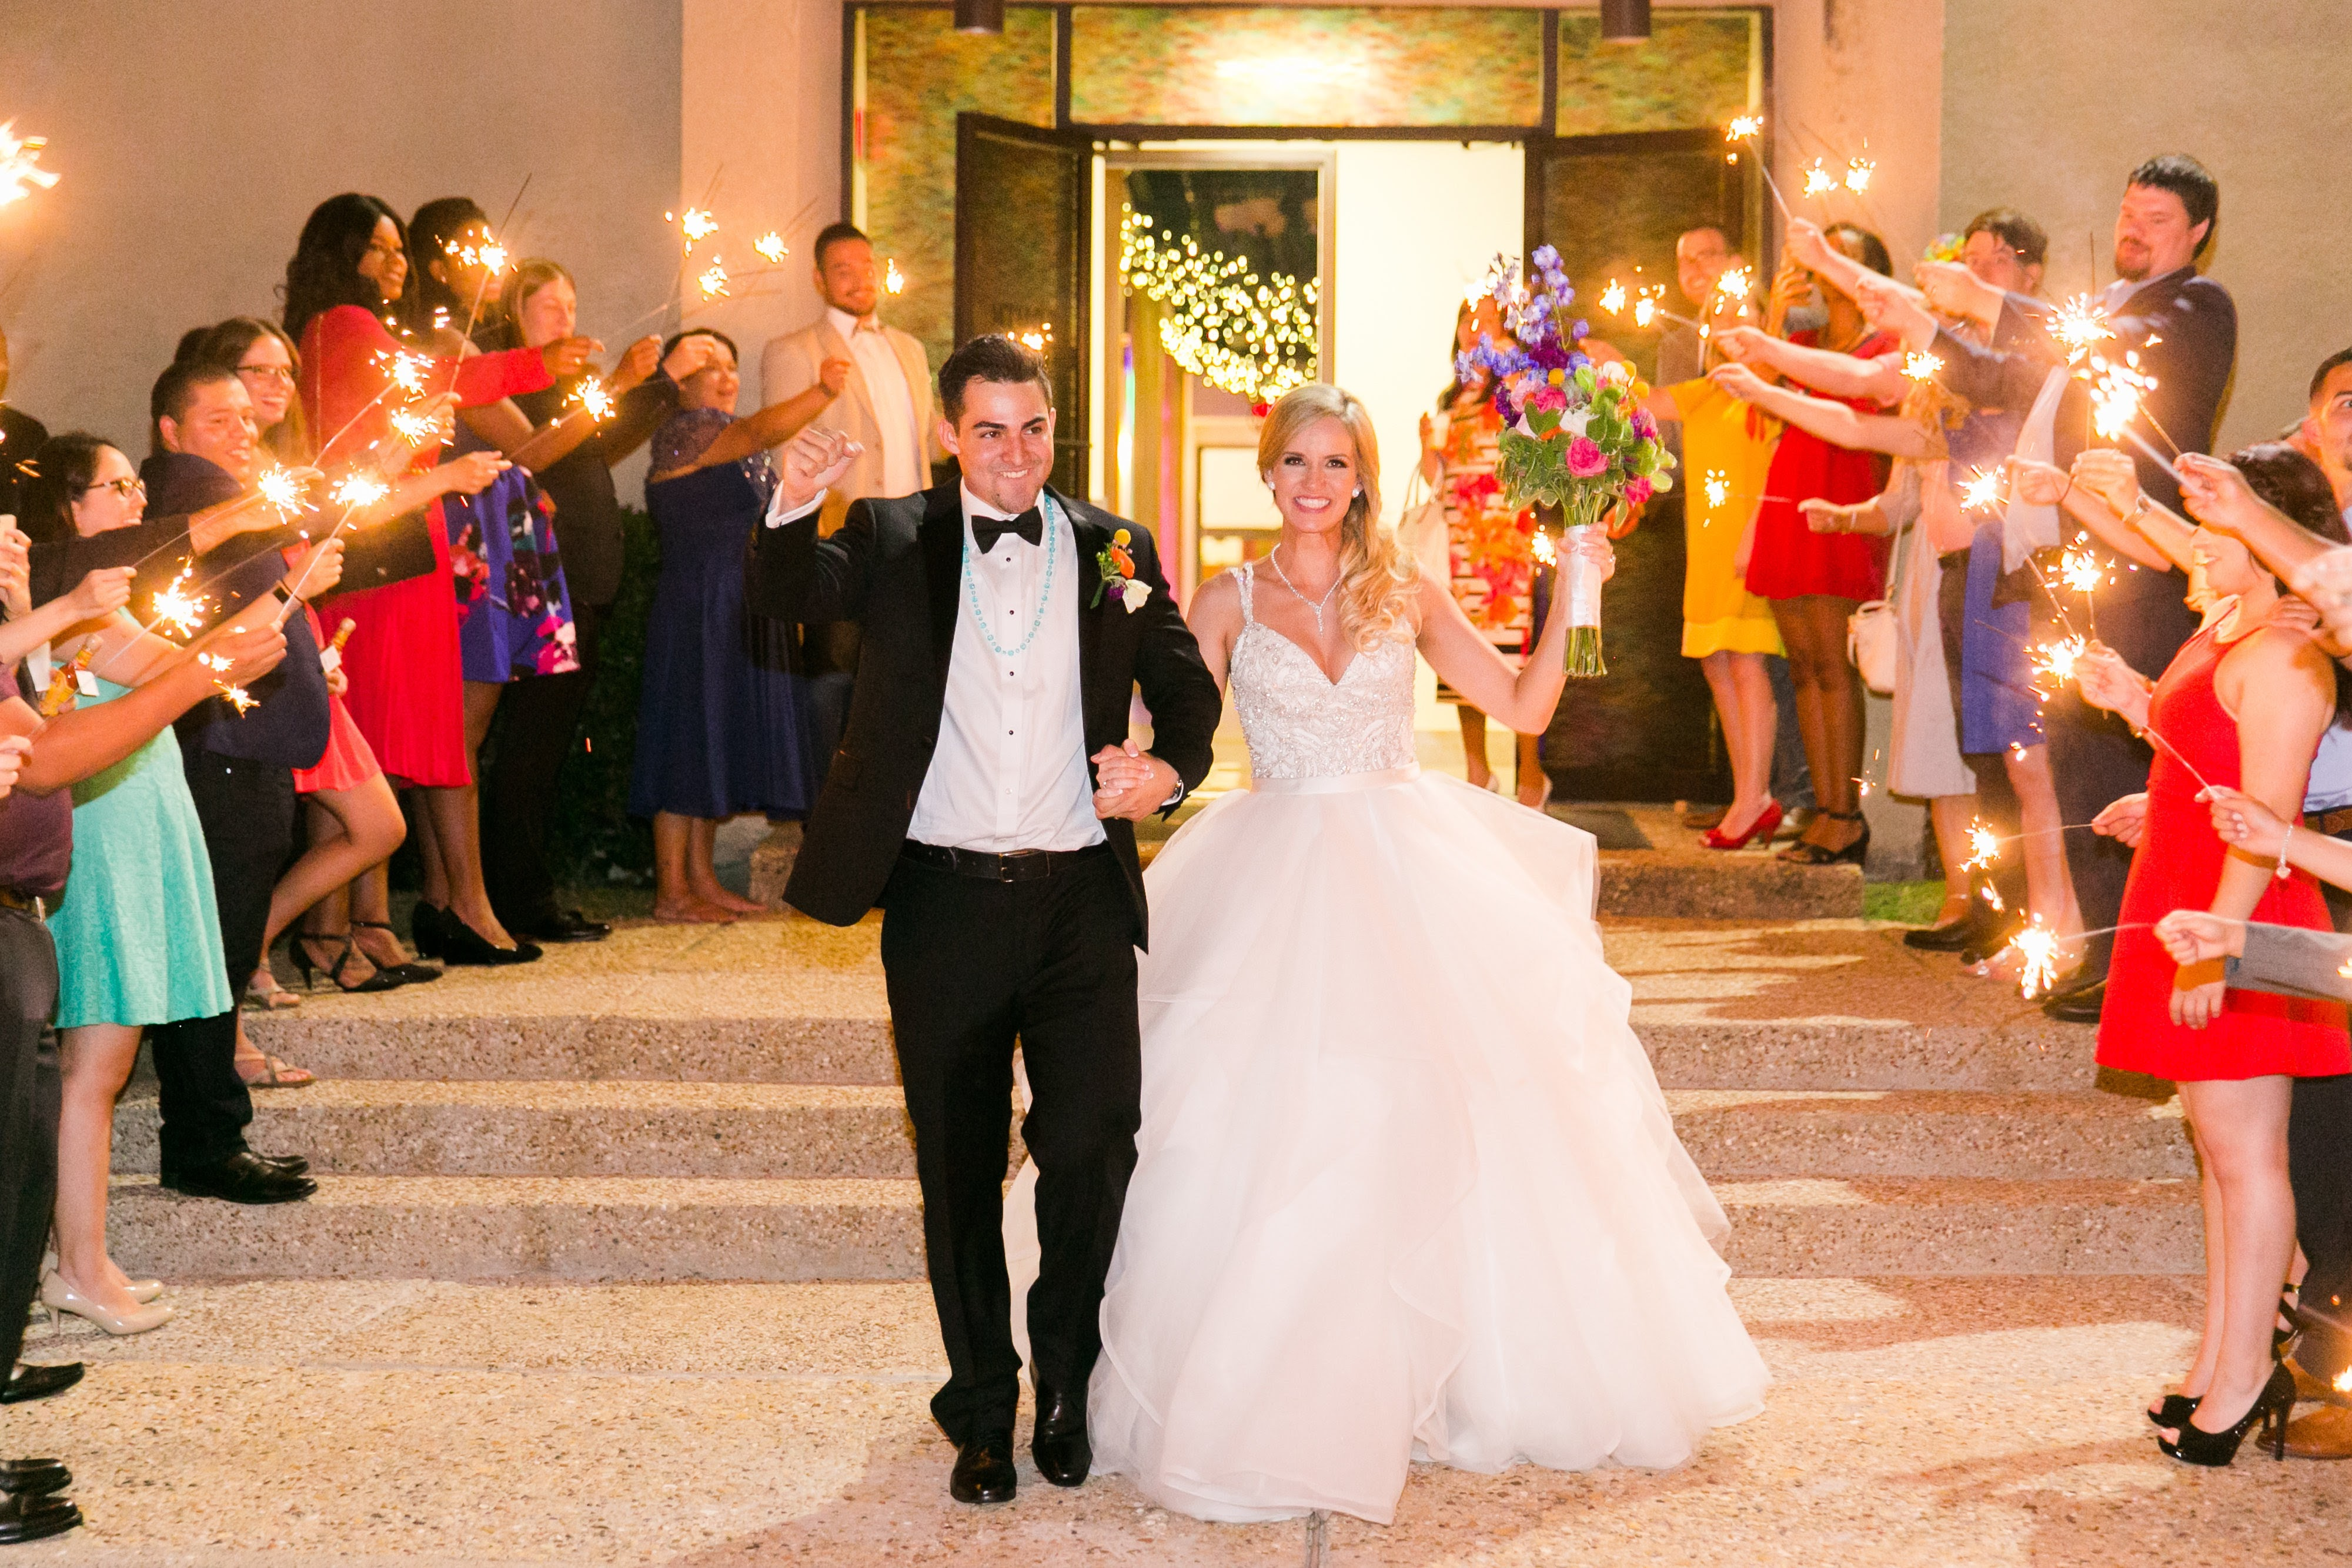 Athena Wedding Packages, Wedding Reception Venues In Dallas texas